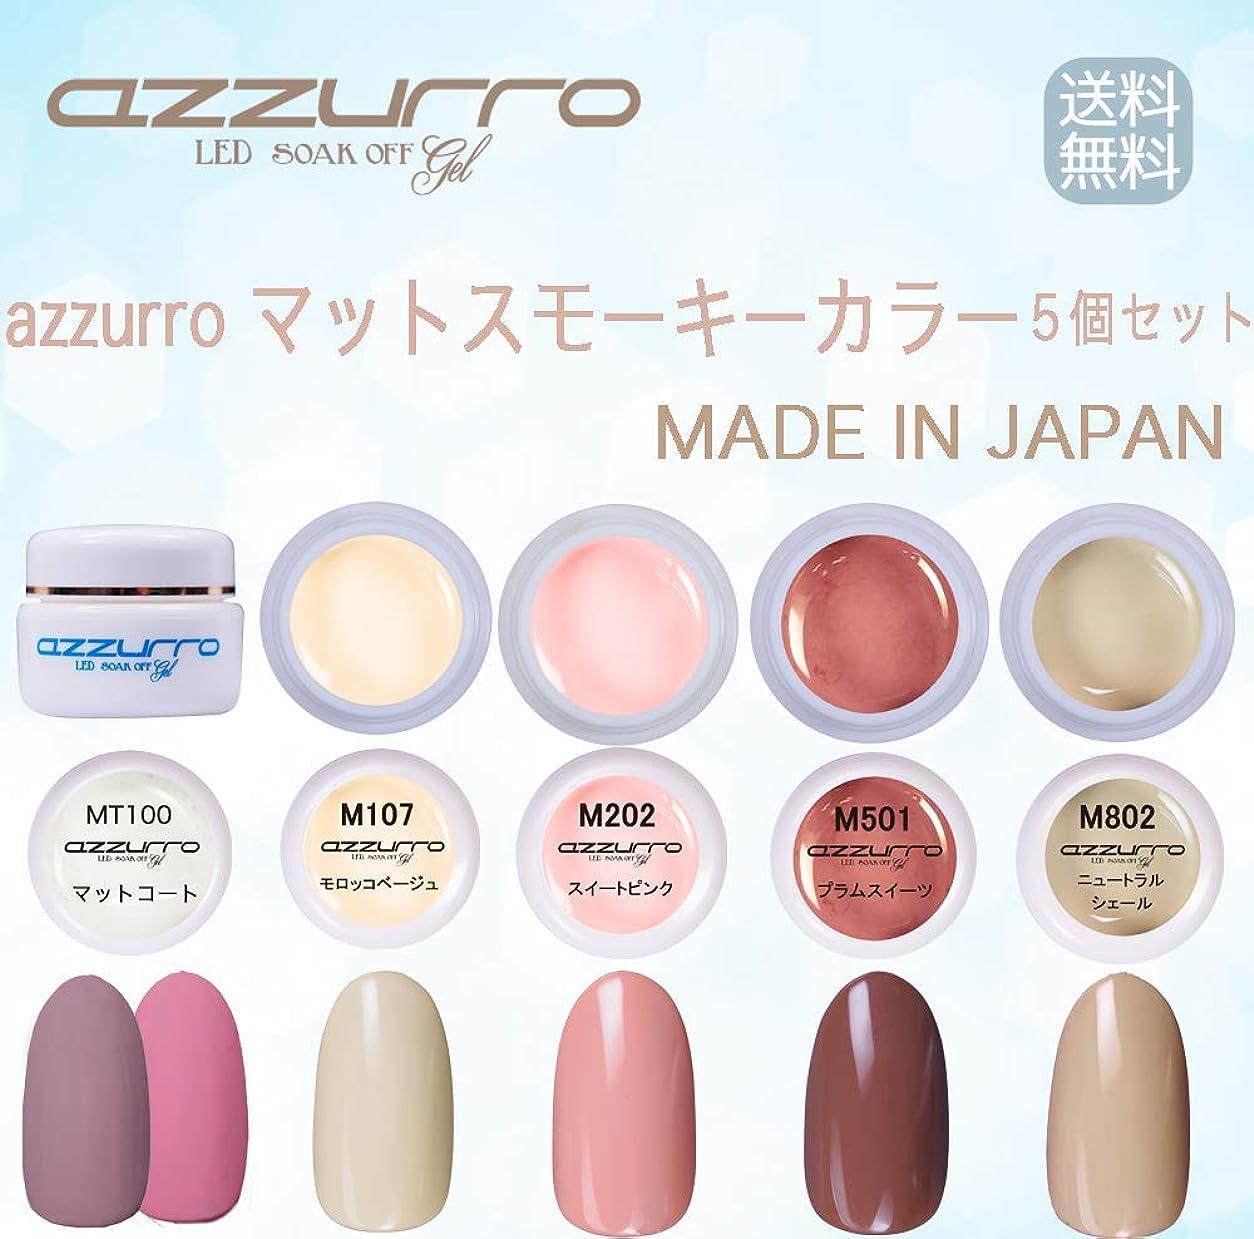 ヒゲ増加する自動【送料無料】日本製 azzurro gel マットスモーキーパステルカラー5個セット 春色にもかかせないマットコートとスモーキーパステルカラー